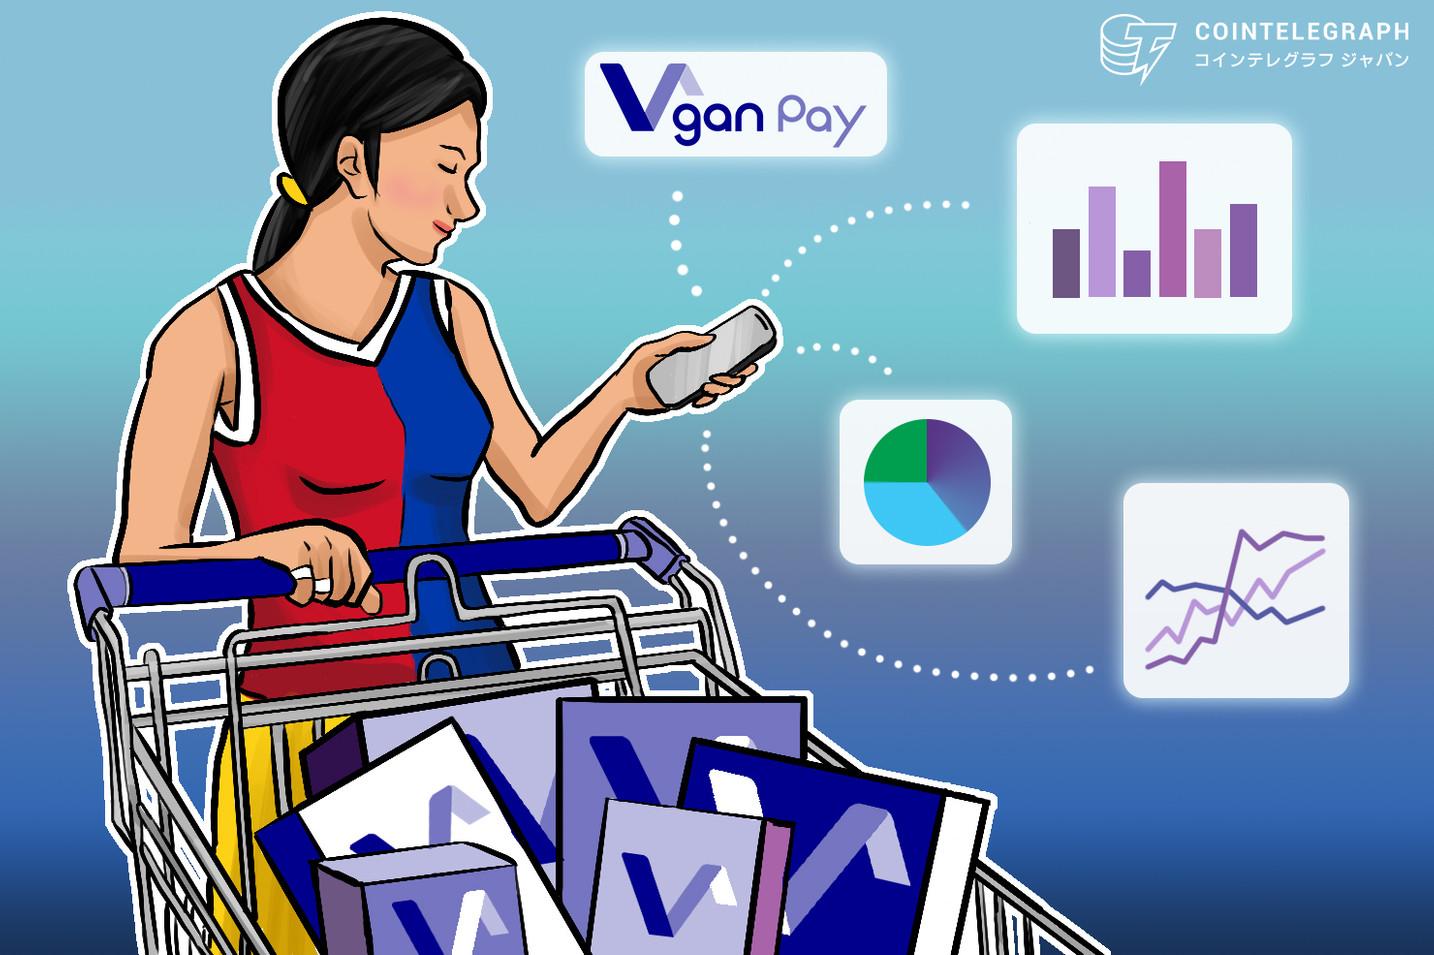 フィリピンの大富豪が仕掛け人! 仮想通貨VganPayがぶち上げる決済データ経済圏  ペソ建てステーブルコインも [PR]